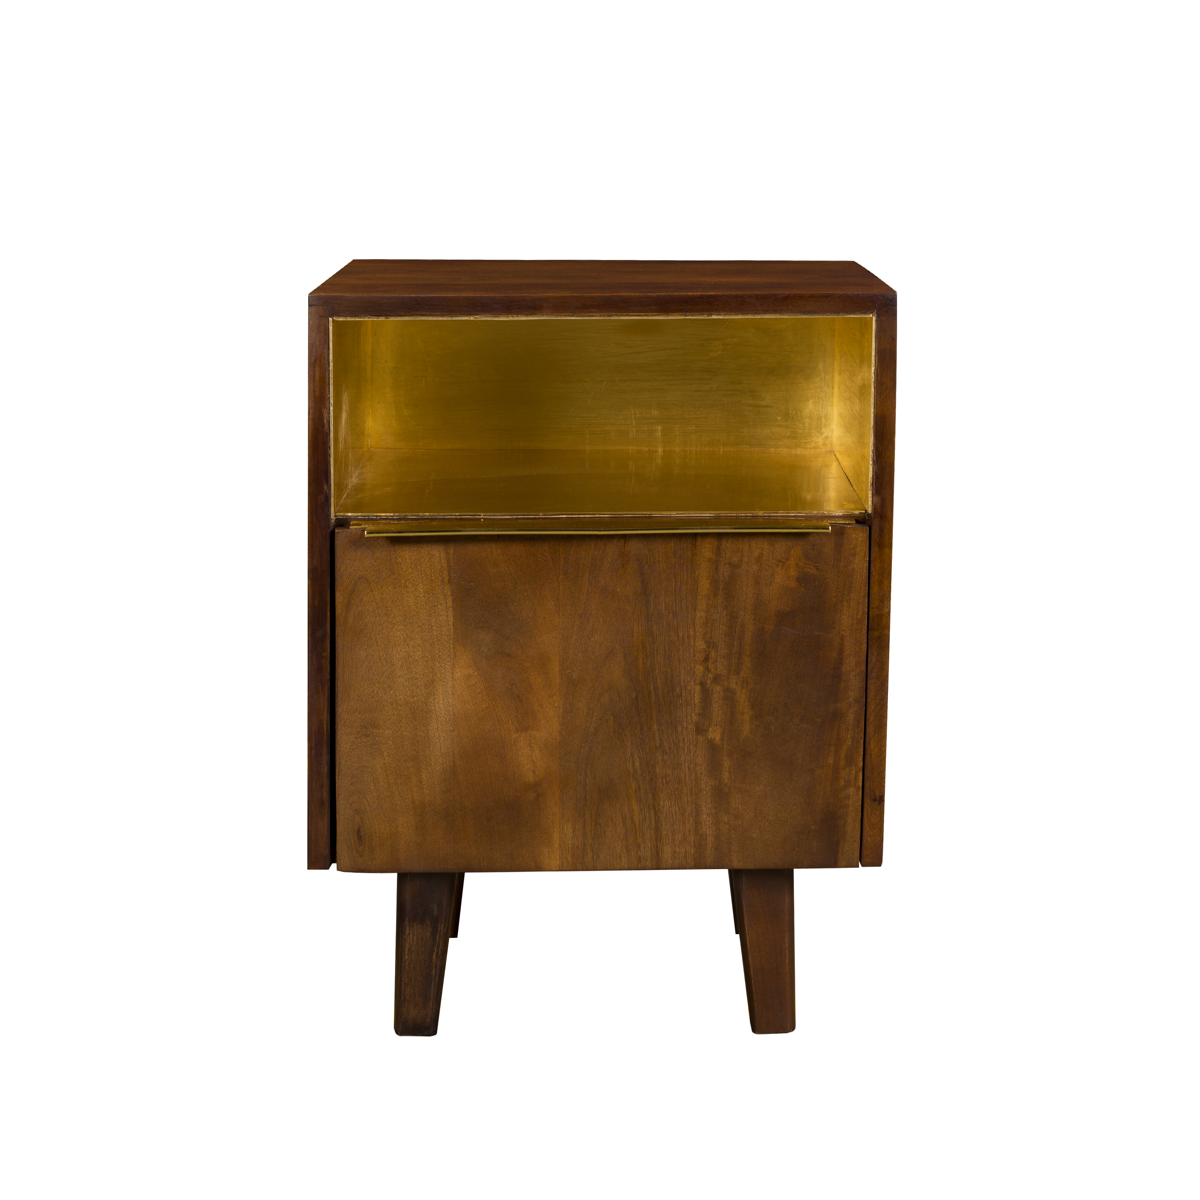 Table de chevet en bois et métal, 1 tiroir et 1 porte